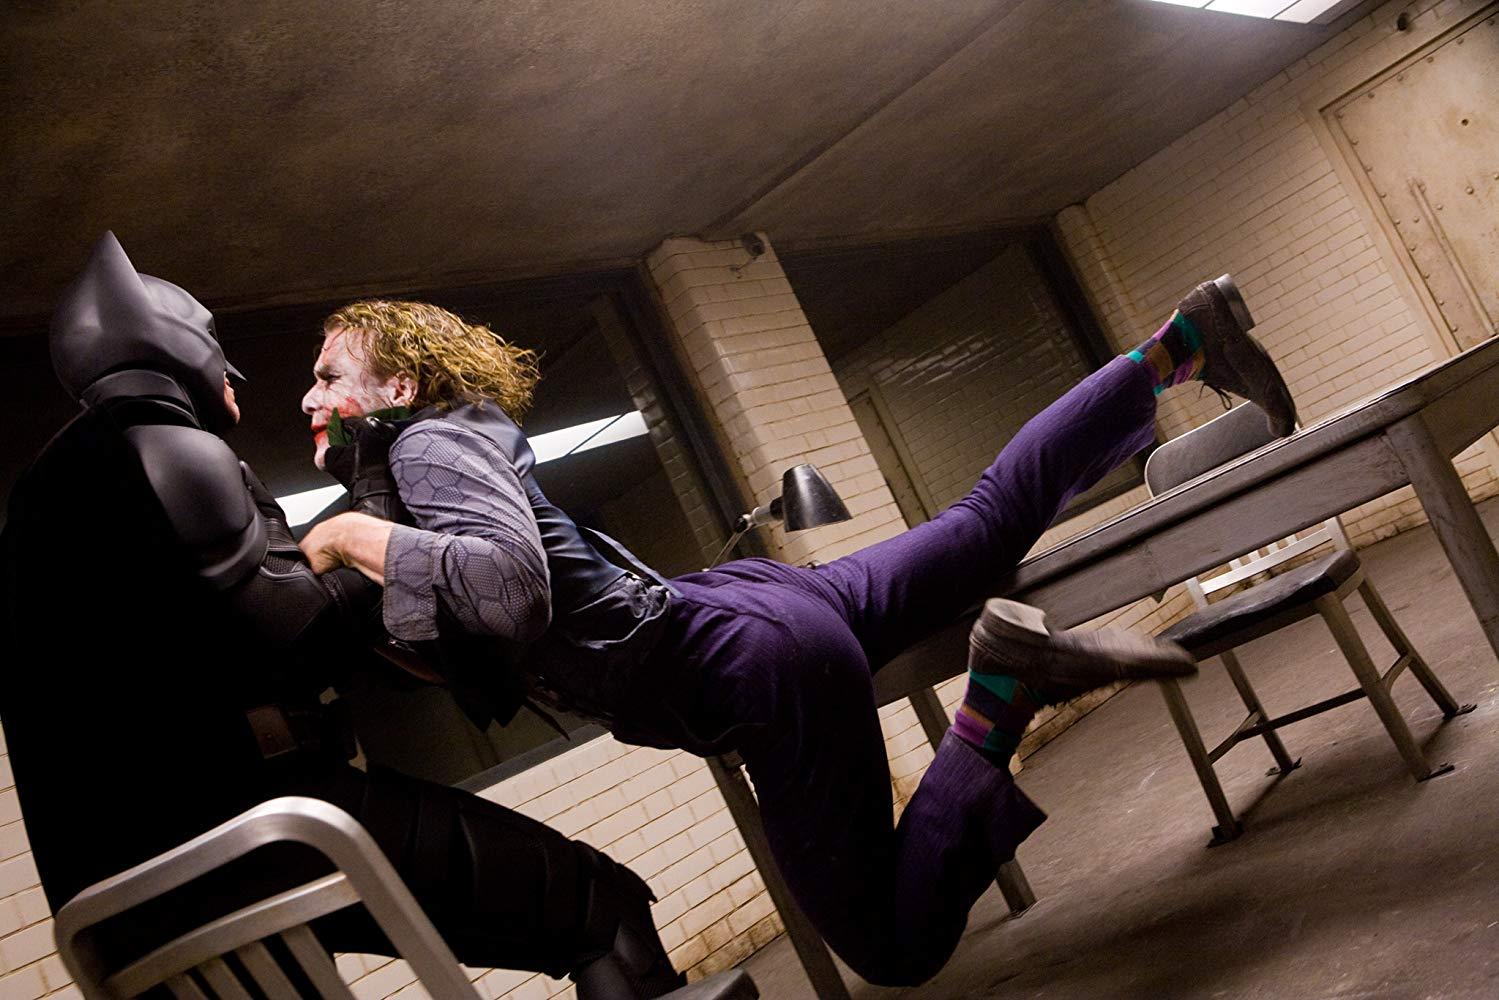 فیلم «جوکر» (Joker) با بازی خواکین فینیکس که اولین تصویرسازی این شخصیت در نقش اصلی یک فیلم در دنیای دی سی است مورد استقبال بی سابقه منتقدان سینمایی و سینماروها قرار گرفته و در همان چند روز اول اکران نیز در باکس آفیس رکوردشکنی کرد.